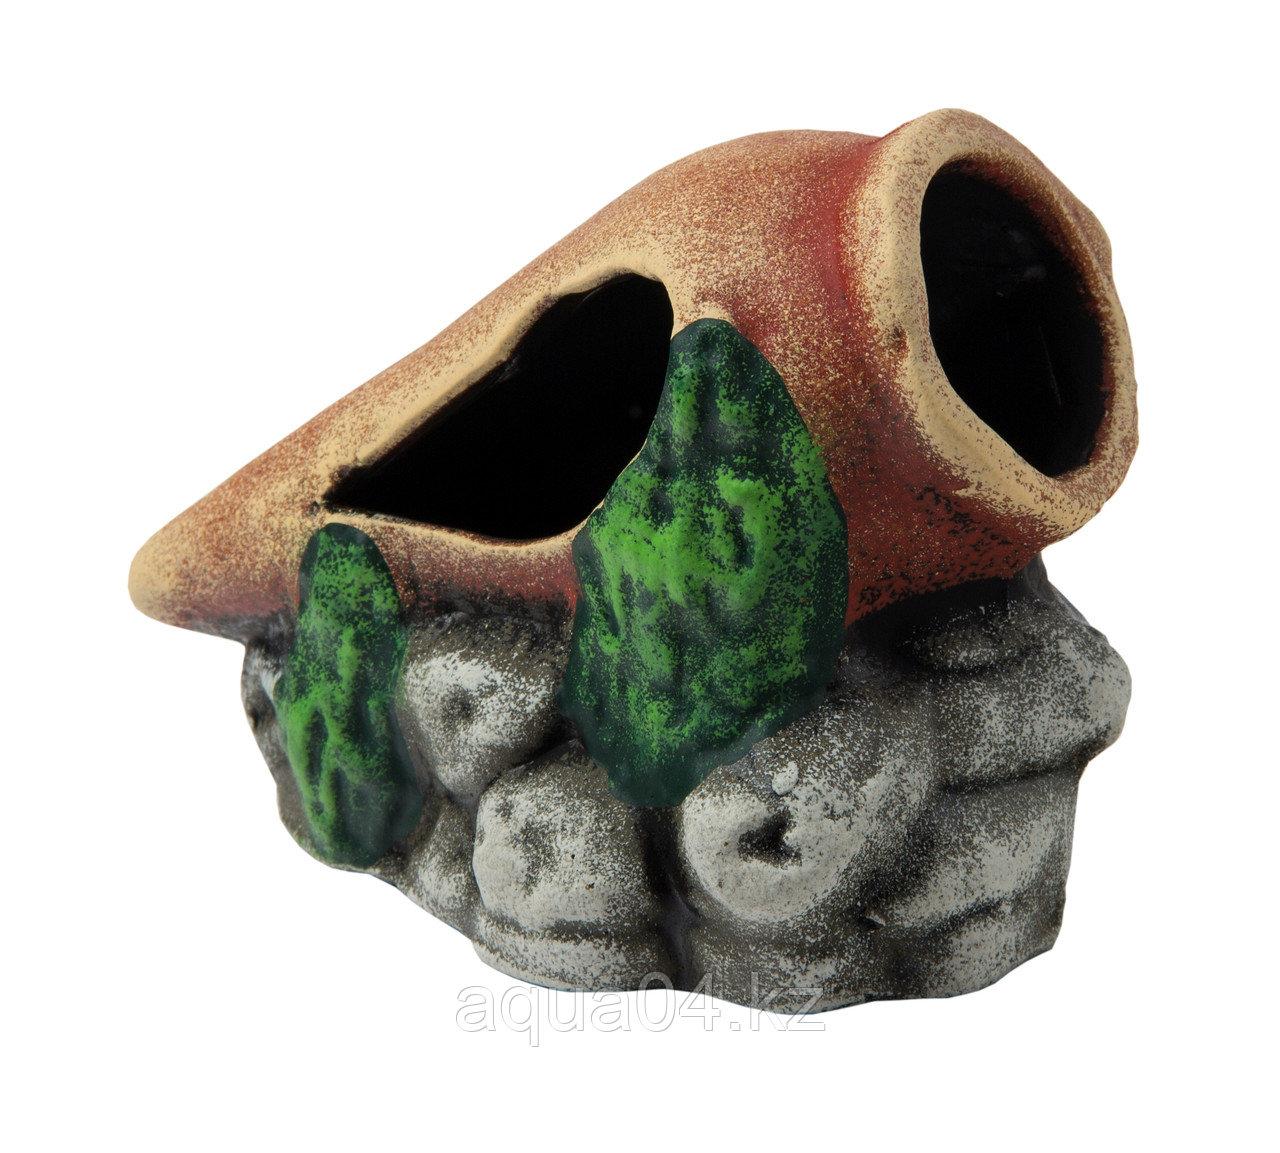 Амфора на камнях (ГротАква)